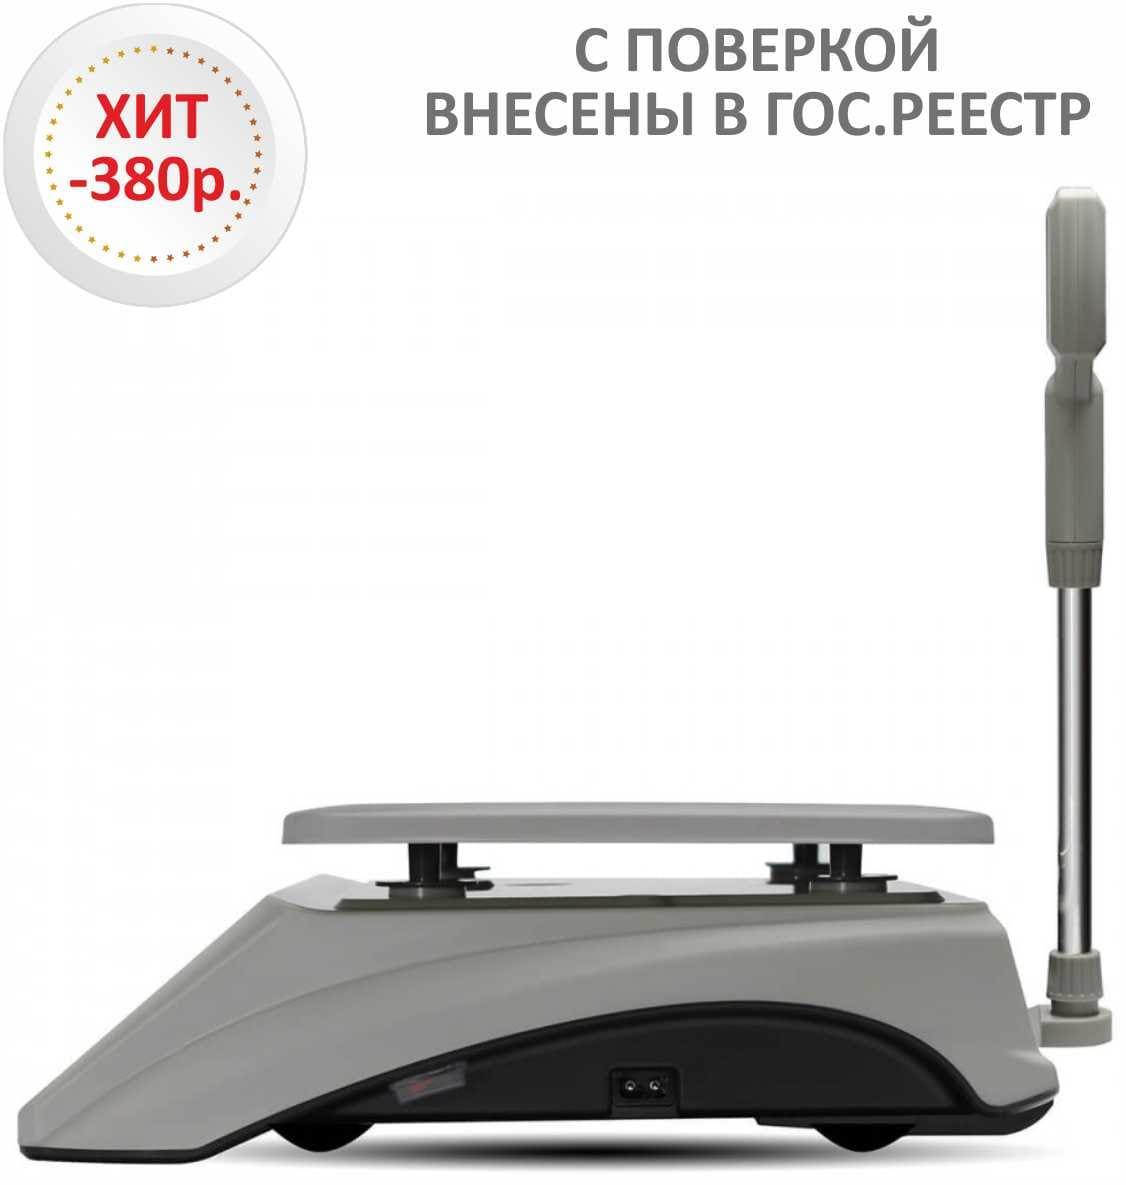 Весы торговые настольные со стойкой M-ER 328ACPX-15.2/32.5 TOUCH-M LCD/LED - вид сбоку